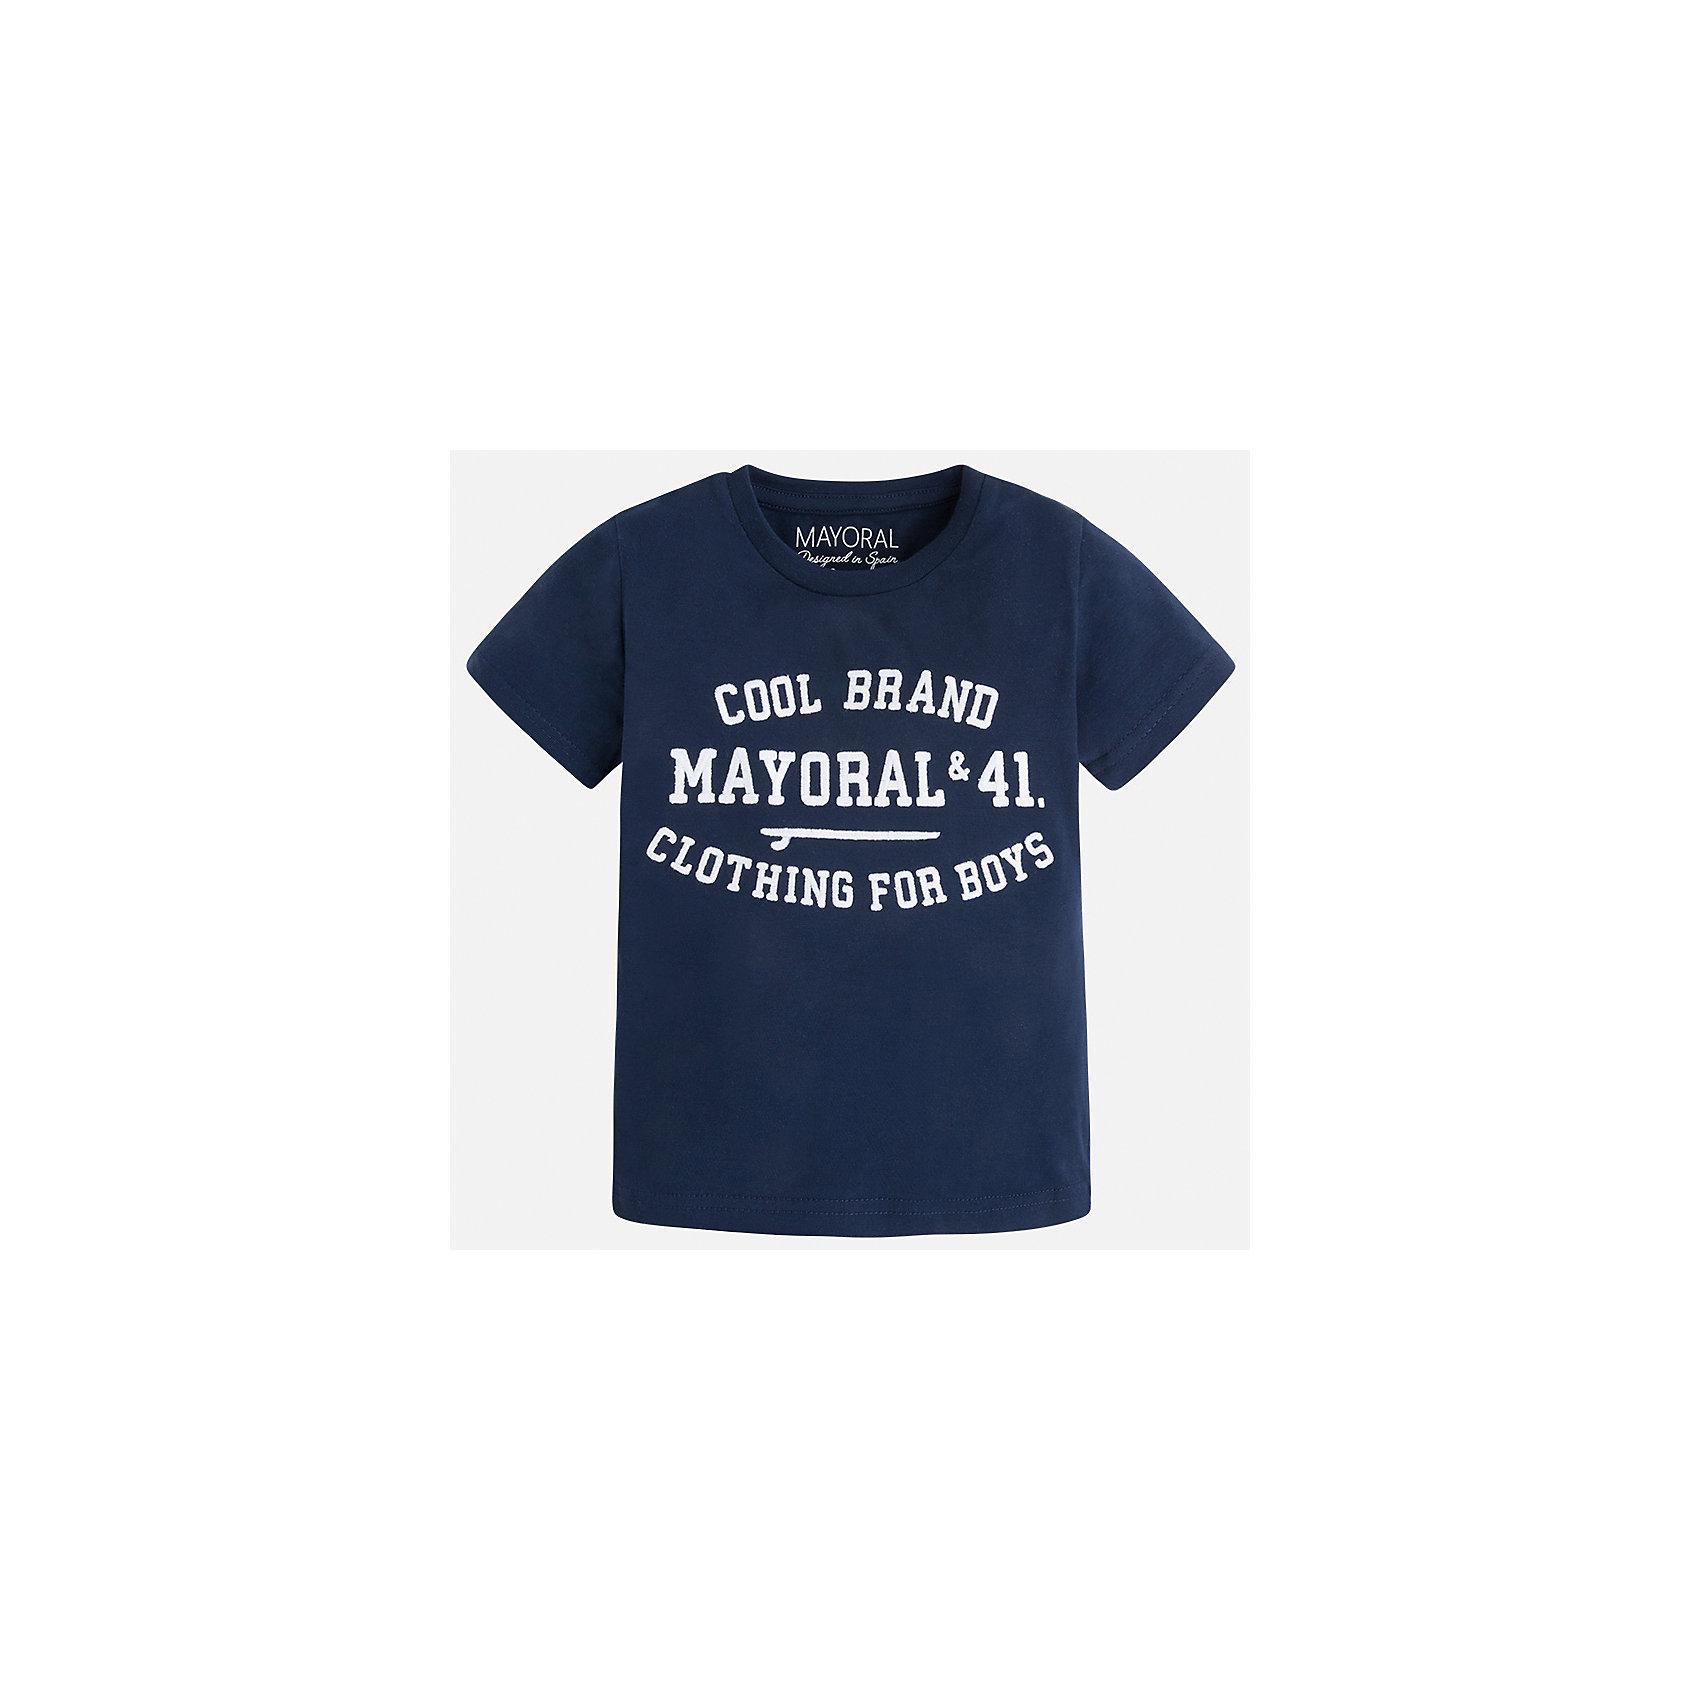 Футболка для мальчика MayoralФутболки, поло и топы<br>Характеристики товара:<br><br>• цвет: синий<br>• состав: 100% хлопок<br>• мягкая отделка ворота<br>• короткие рукава<br>• округлая горловина<br>• декорирована принтом<br>• страна бренда: Испания<br><br>Стильная удобная футболка для мальчика может стать базовой вещью в гардеробе ребенка. Она отлично сочетается с брюками, шортами, джинсами. Универсальный крой и цвет позволяет подобрать к вещи низ разных расцветок. Практичное и стильное изделие! В составе материала - только натуральный хлопок, гипоаллергенный, приятный на ощупь, дышащий.<br><br>Одежда, обувь и аксессуары от испанского бренда Mayoral полюбились детям и взрослым по всему миру. Модели этой марки - стильные и удобные. Для их производства используются только безопасные, качественные материалы и фурнитура. Порадуйте ребенка модными и красивыми вещами от Mayoral! <br><br>Футболку для мальчика от испанского бренда Mayoral (Майорал) можно купить в нашем интернет-магазине.<br><br>Ширина мм: 199<br>Глубина мм: 10<br>Высота мм: 161<br>Вес г: 151<br>Цвет: синий<br>Возраст от месяцев: 72<br>Возраст до месяцев: 84<br>Пол: Мужской<br>Возраст: Детский<br>Размер: 122,134,128,116,110,104,98,92<br>SKU: 5277803